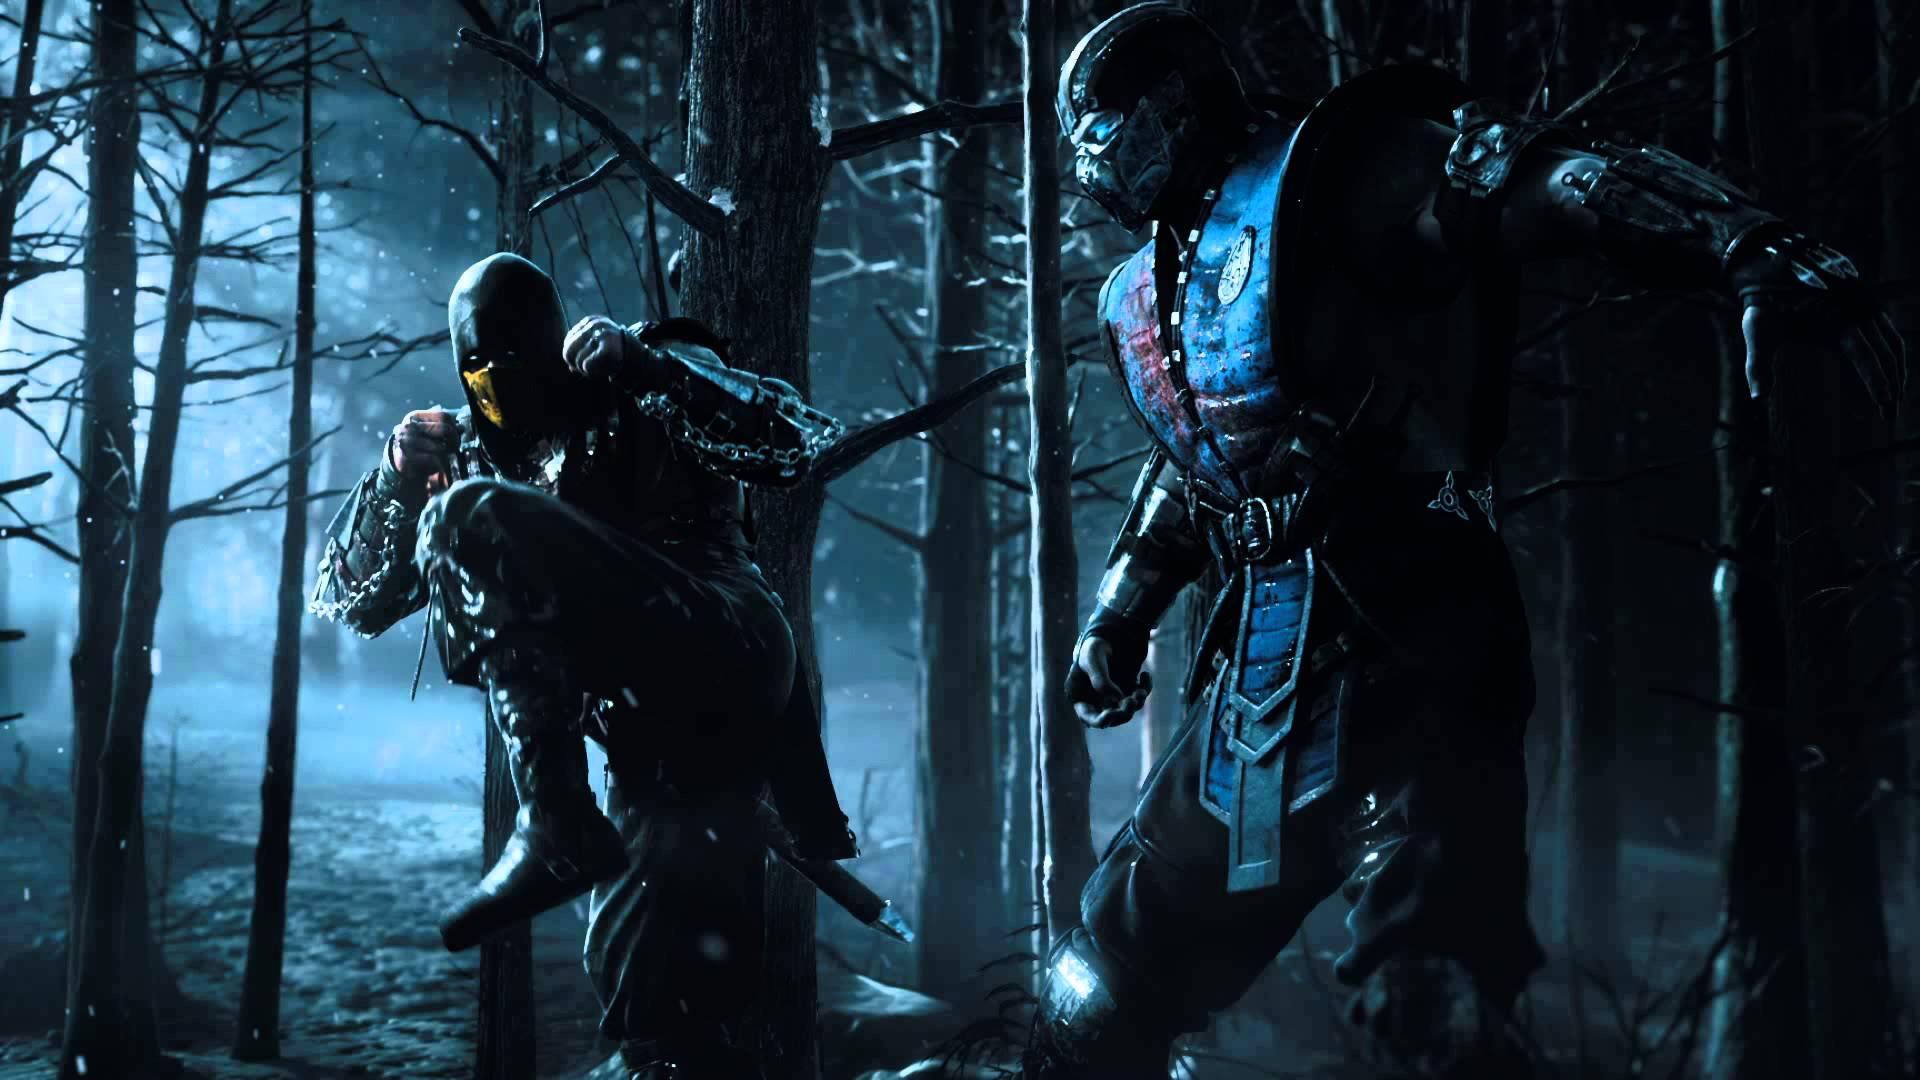 Mk X Fondo De Pantalla Hd Mortal Kombat Fondo De Pantalla 1920x1080 1280x720 Wallpapertip